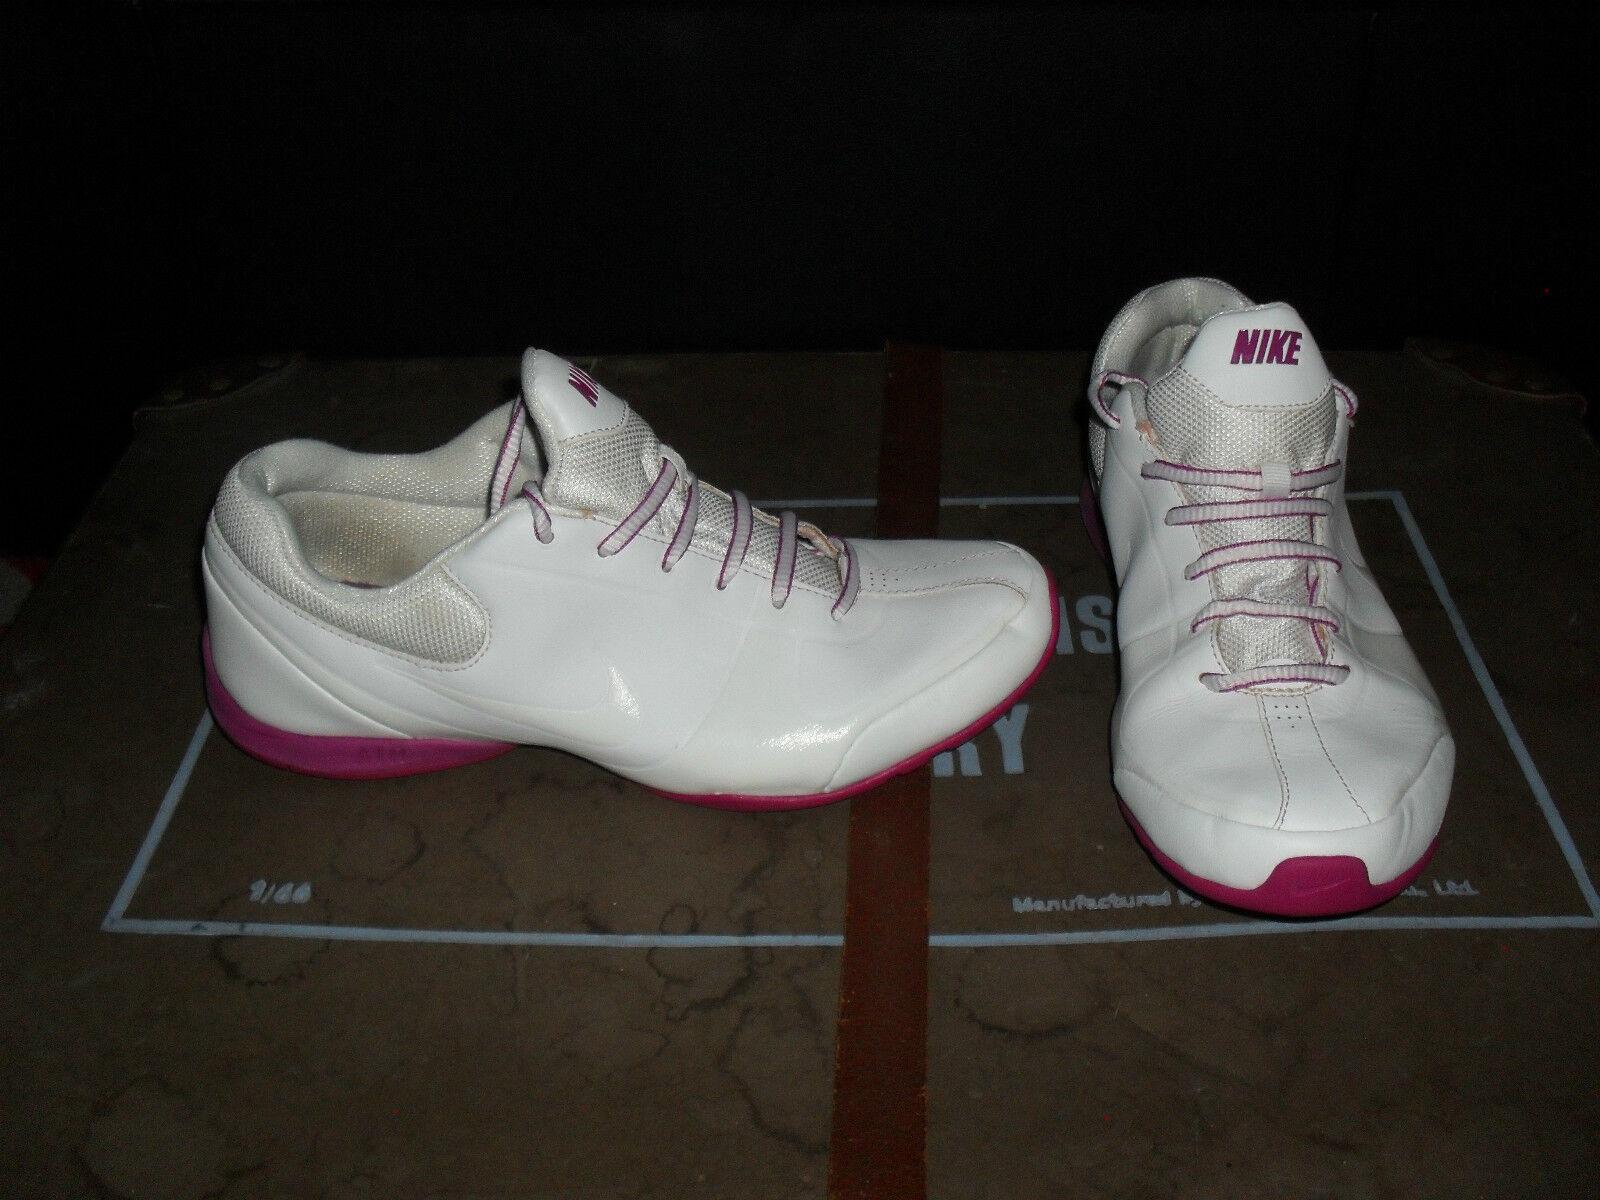 Nike air bianco e rosa formatori dimensioni 6 | Ordini Ordini Ordini Sono Benvenuti  37f460